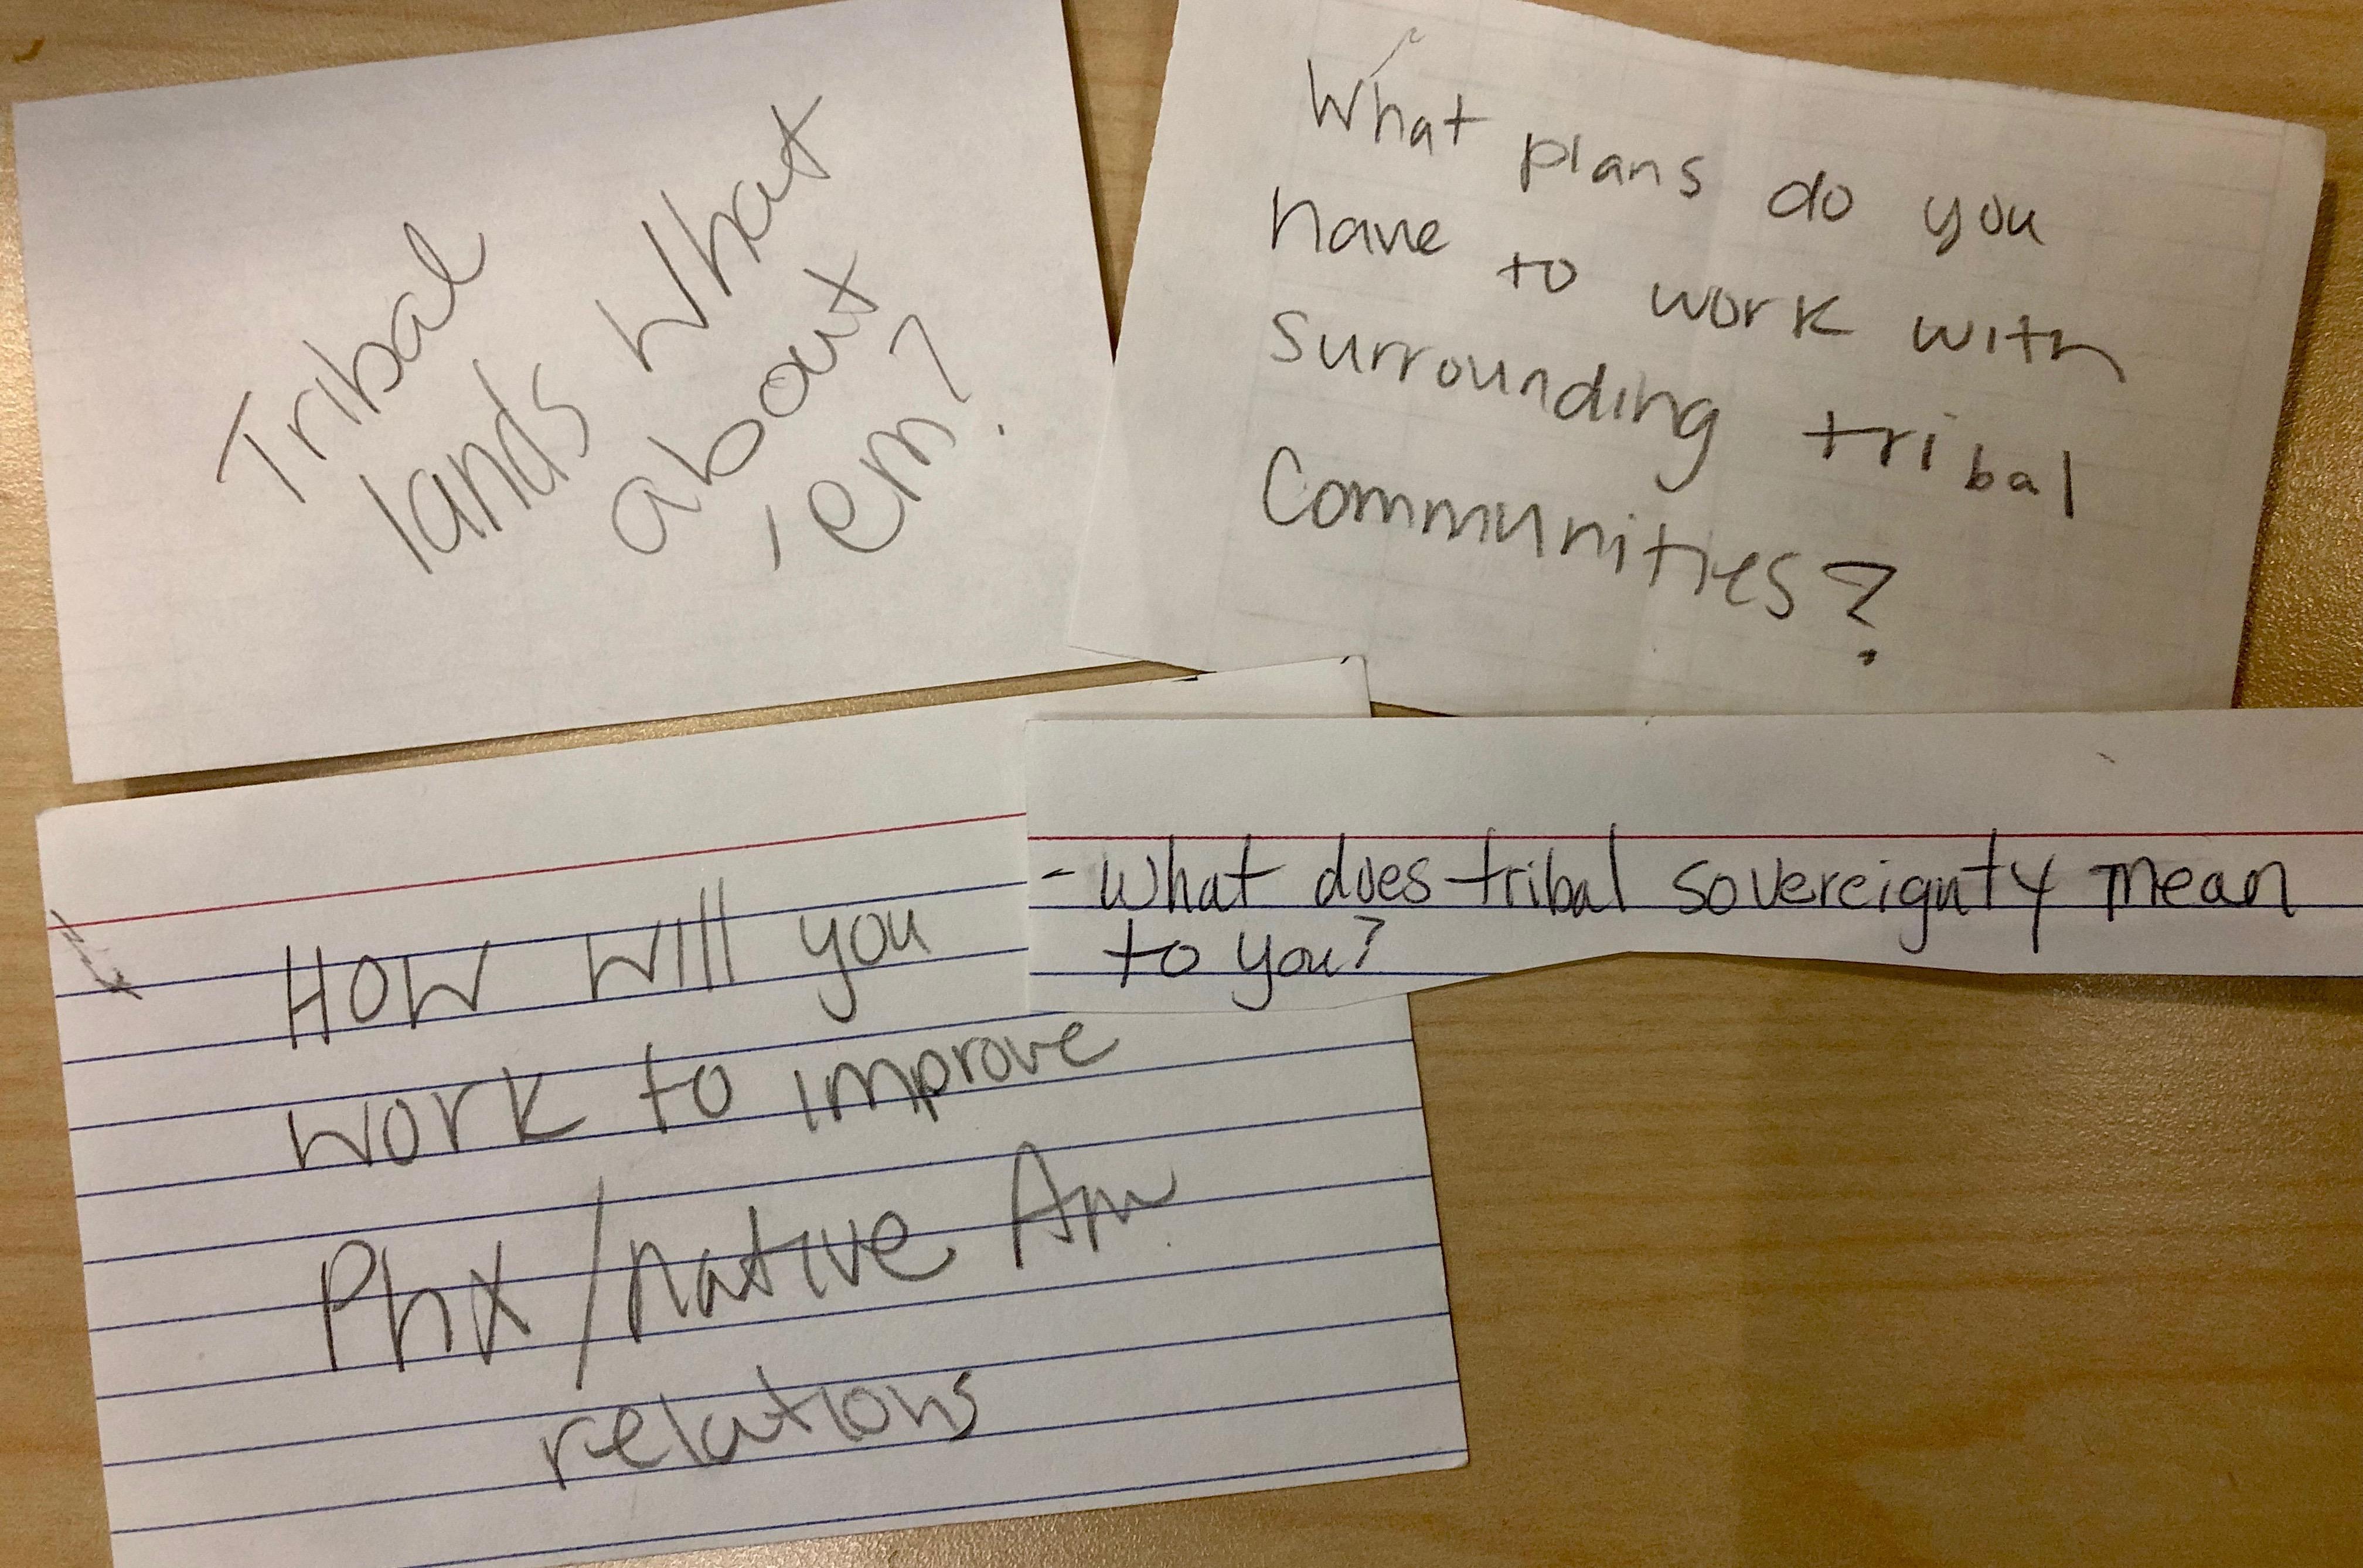 phoenix forum audience questions